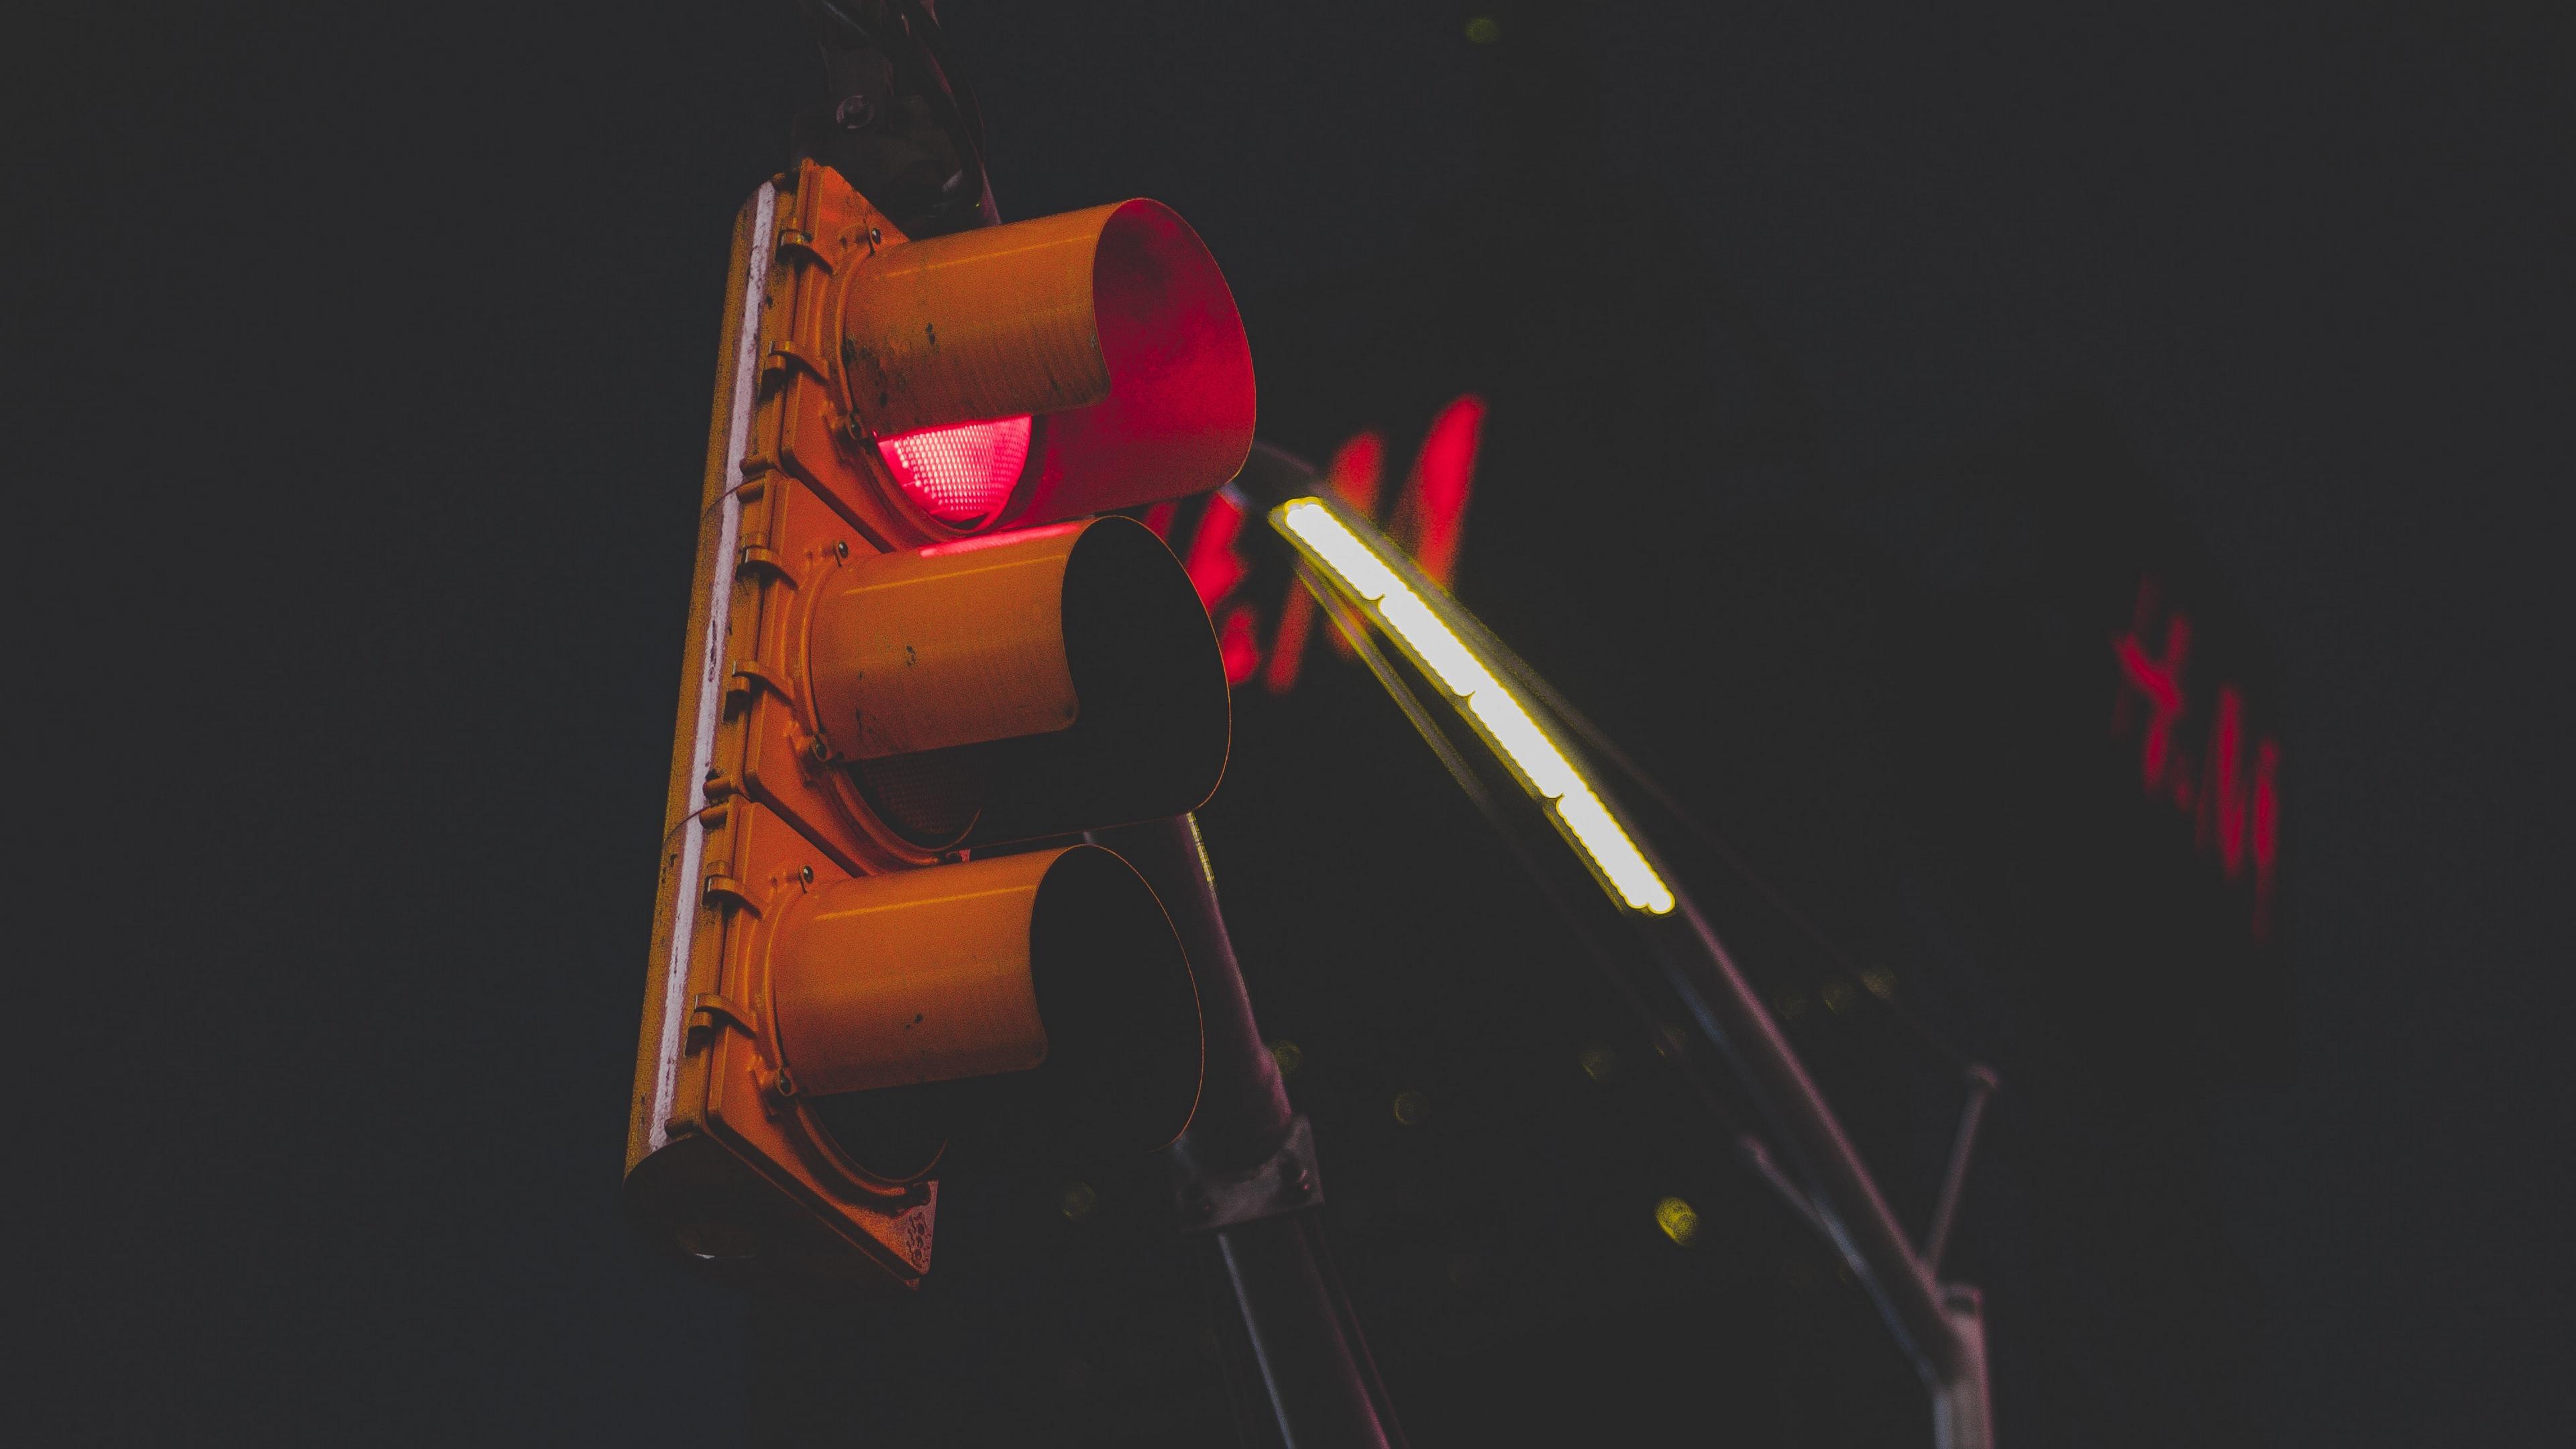 traffic light pillar street night 4k 1538064387 - traffic light, pillar, street, night 4k - traffic light, Street, pillar